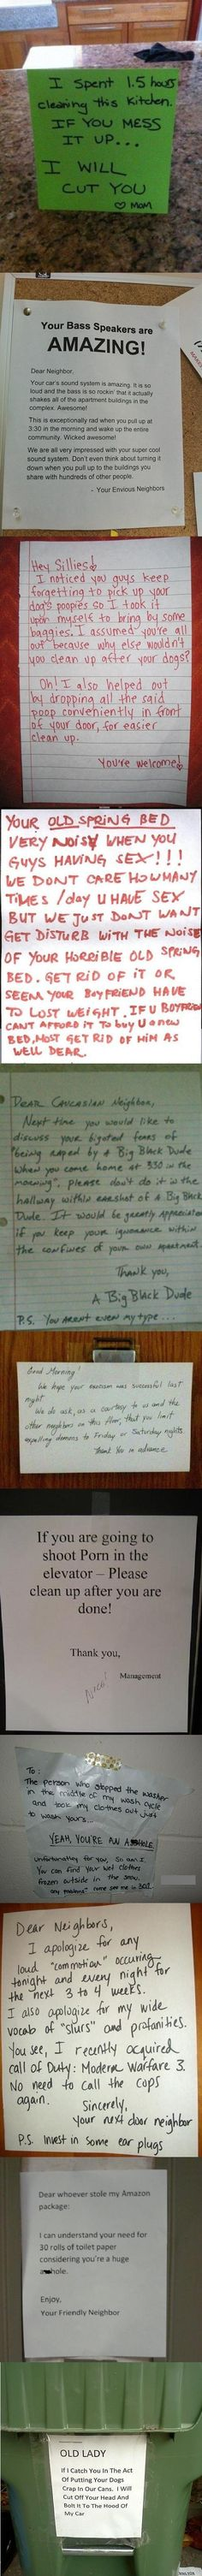 Dear Neighbor.  Funny signs left for annoying neighbors.